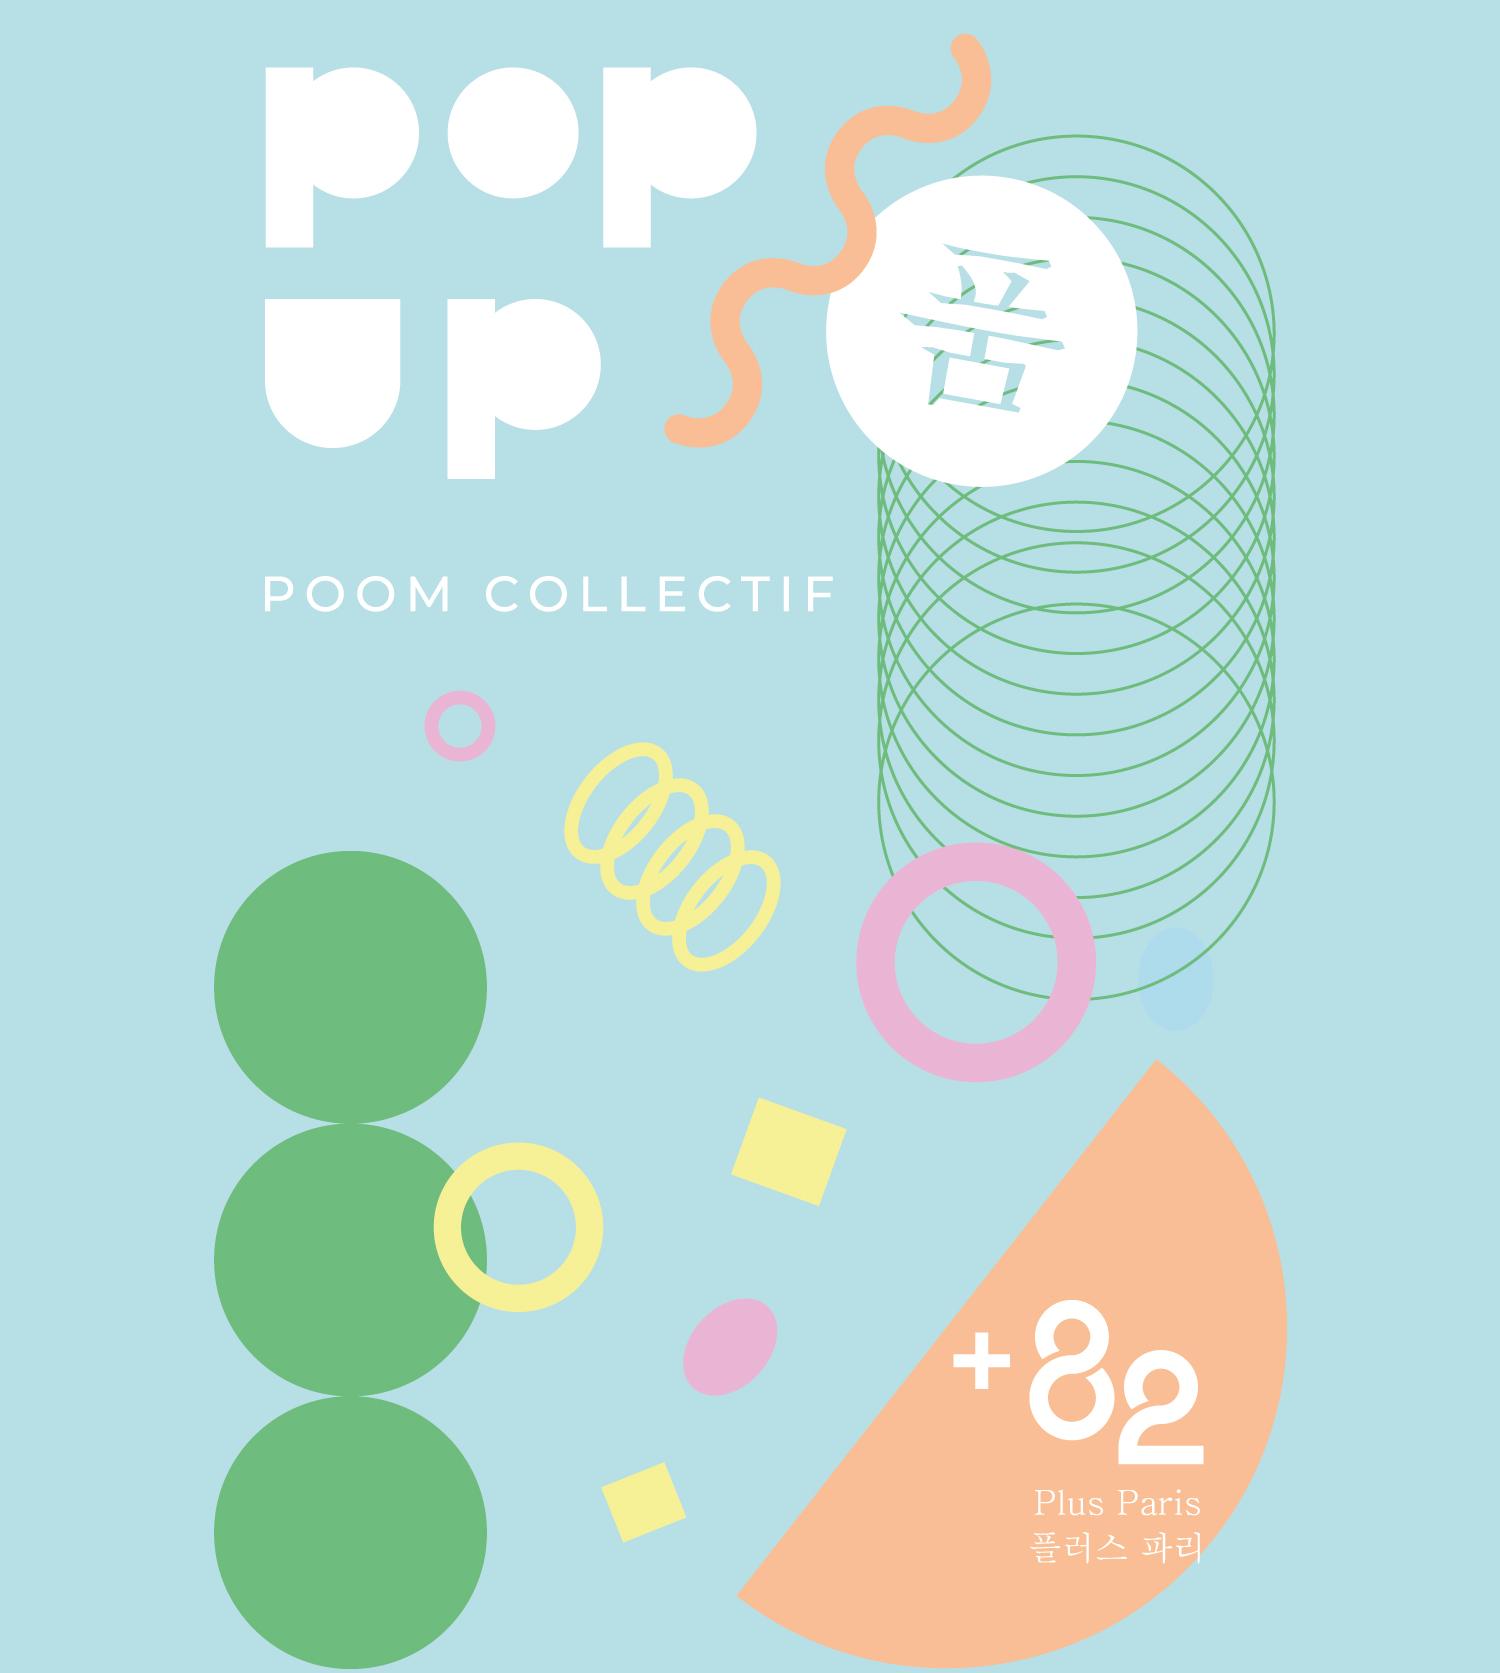 pop-up-store-plus-82-paris-cafe-coreen-poom-collectif-concept-store-coree